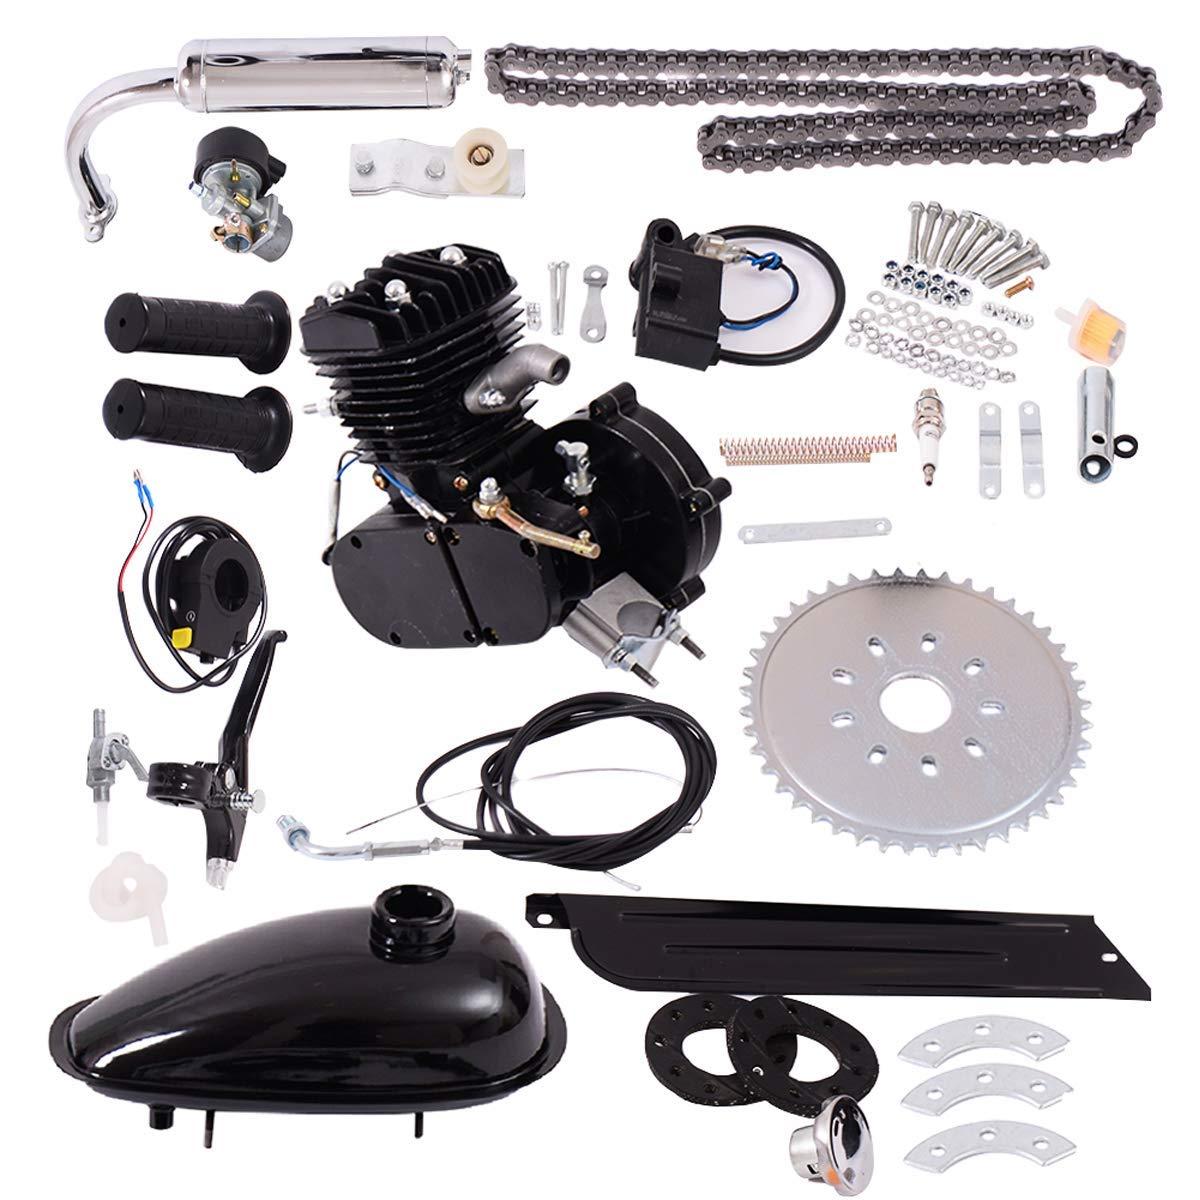 G Motor de la Bicicleta Kit 80cc 2 Stroke-Kit Bicicletas Asoline ...